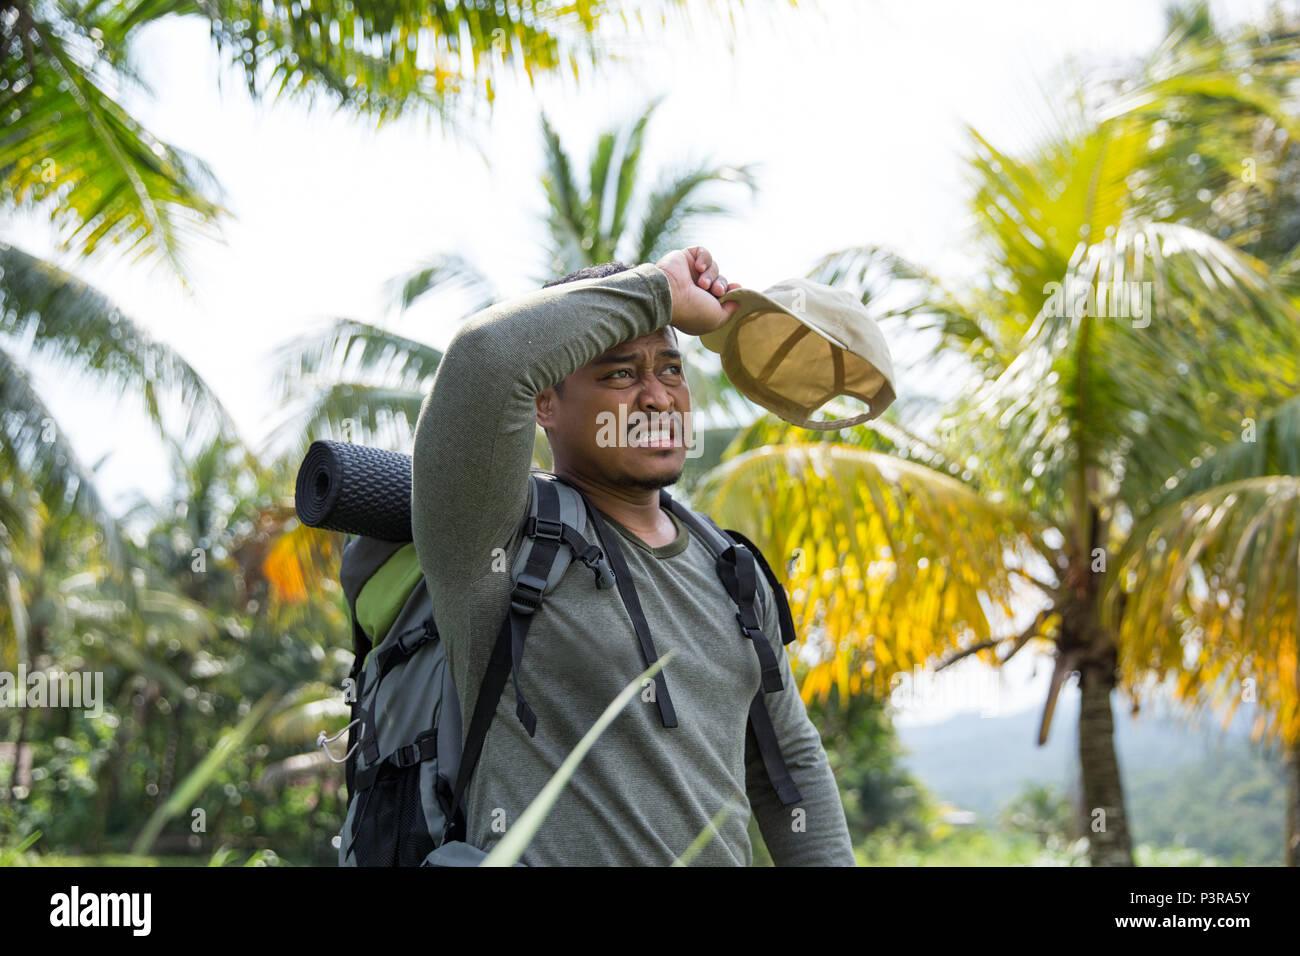 Asian escursionista asciugare la fronte Immagini Stock